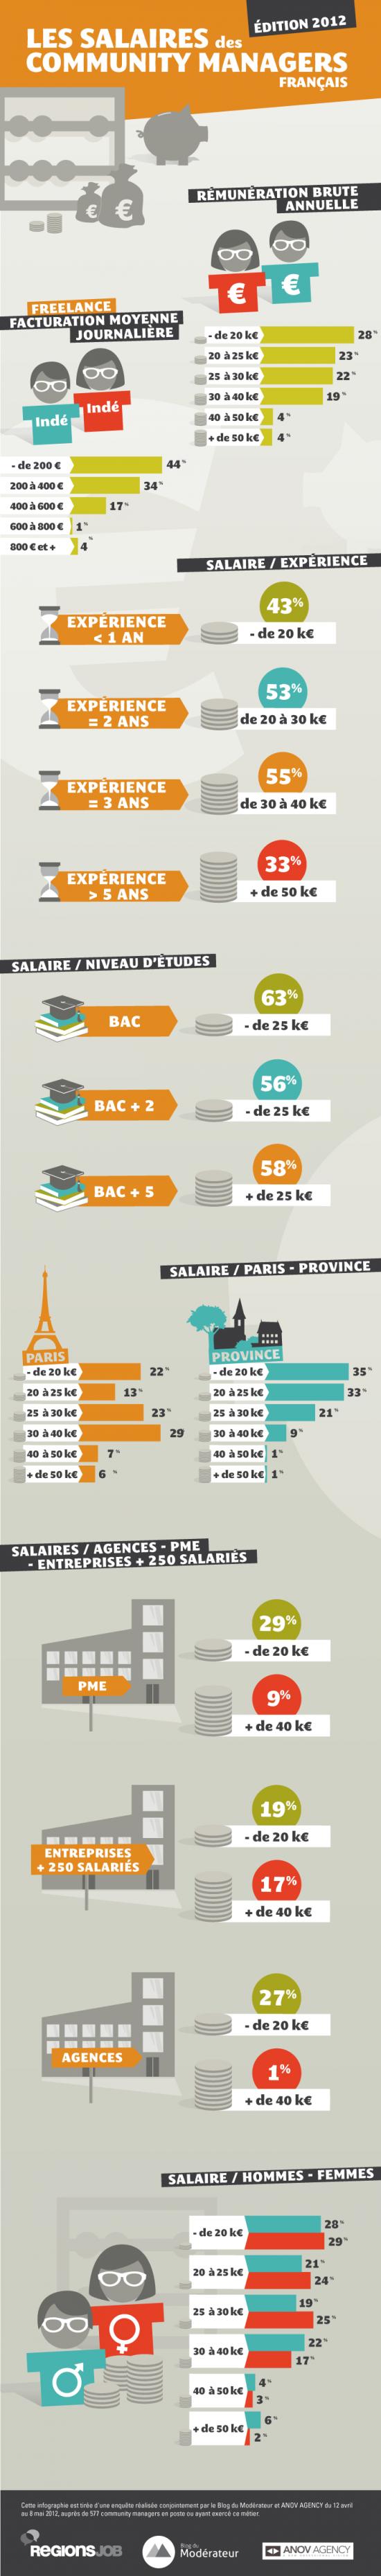 Infographie sur les salaires des Community Managers en France en 2012